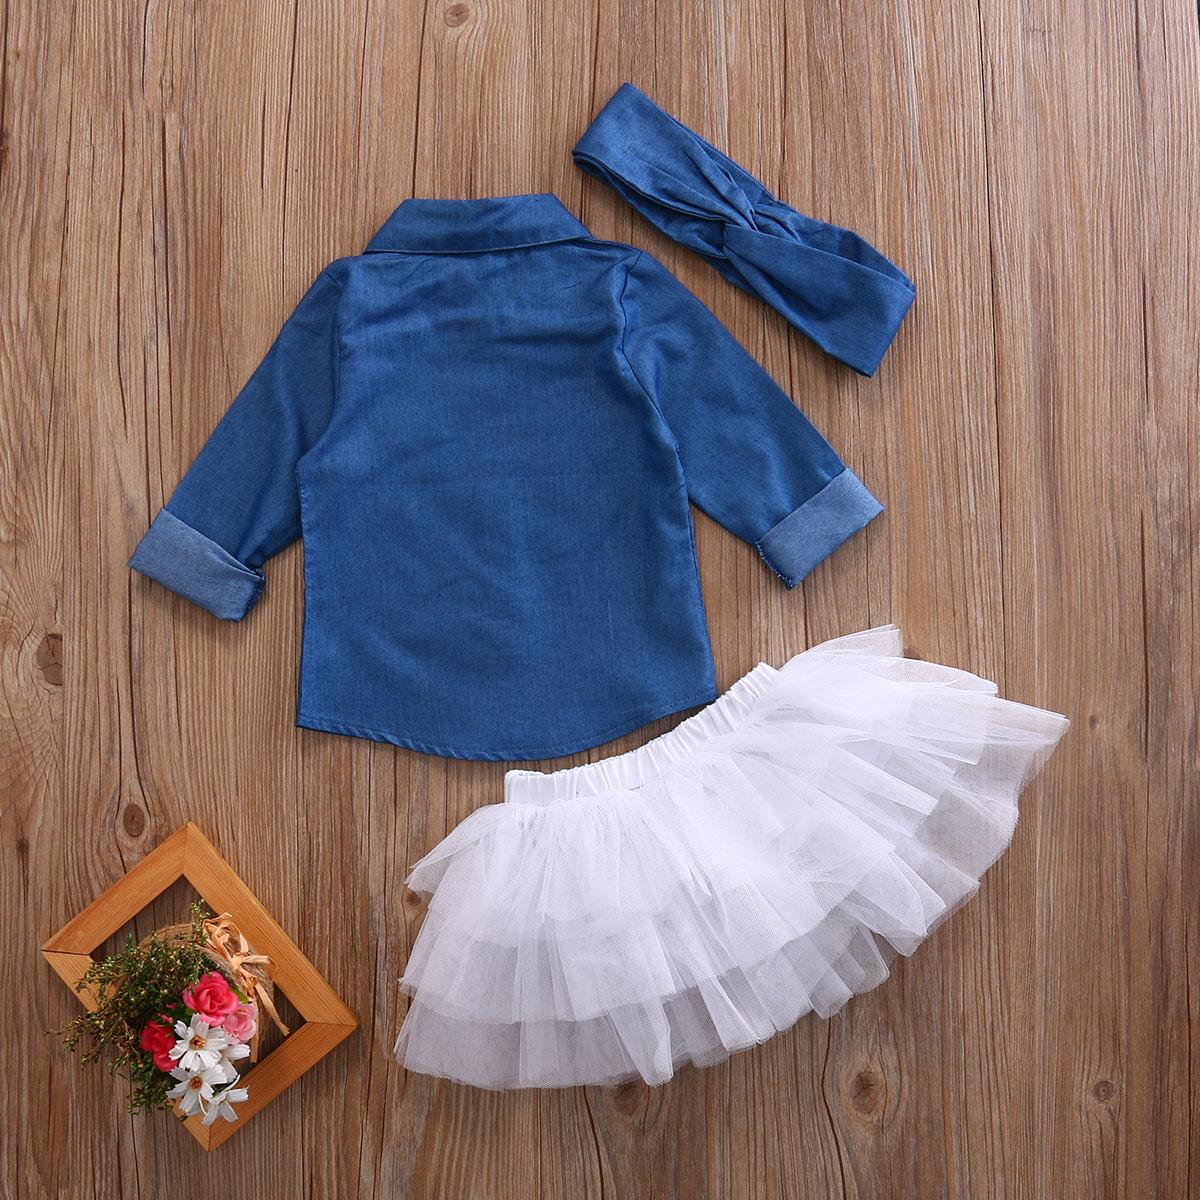 0-5a enfant nouveau enfants bébé filles infantile à manches longues denim tops shirt + tutu jupes dress + bandeau 3 pcs jeans tenues vêtements set 10